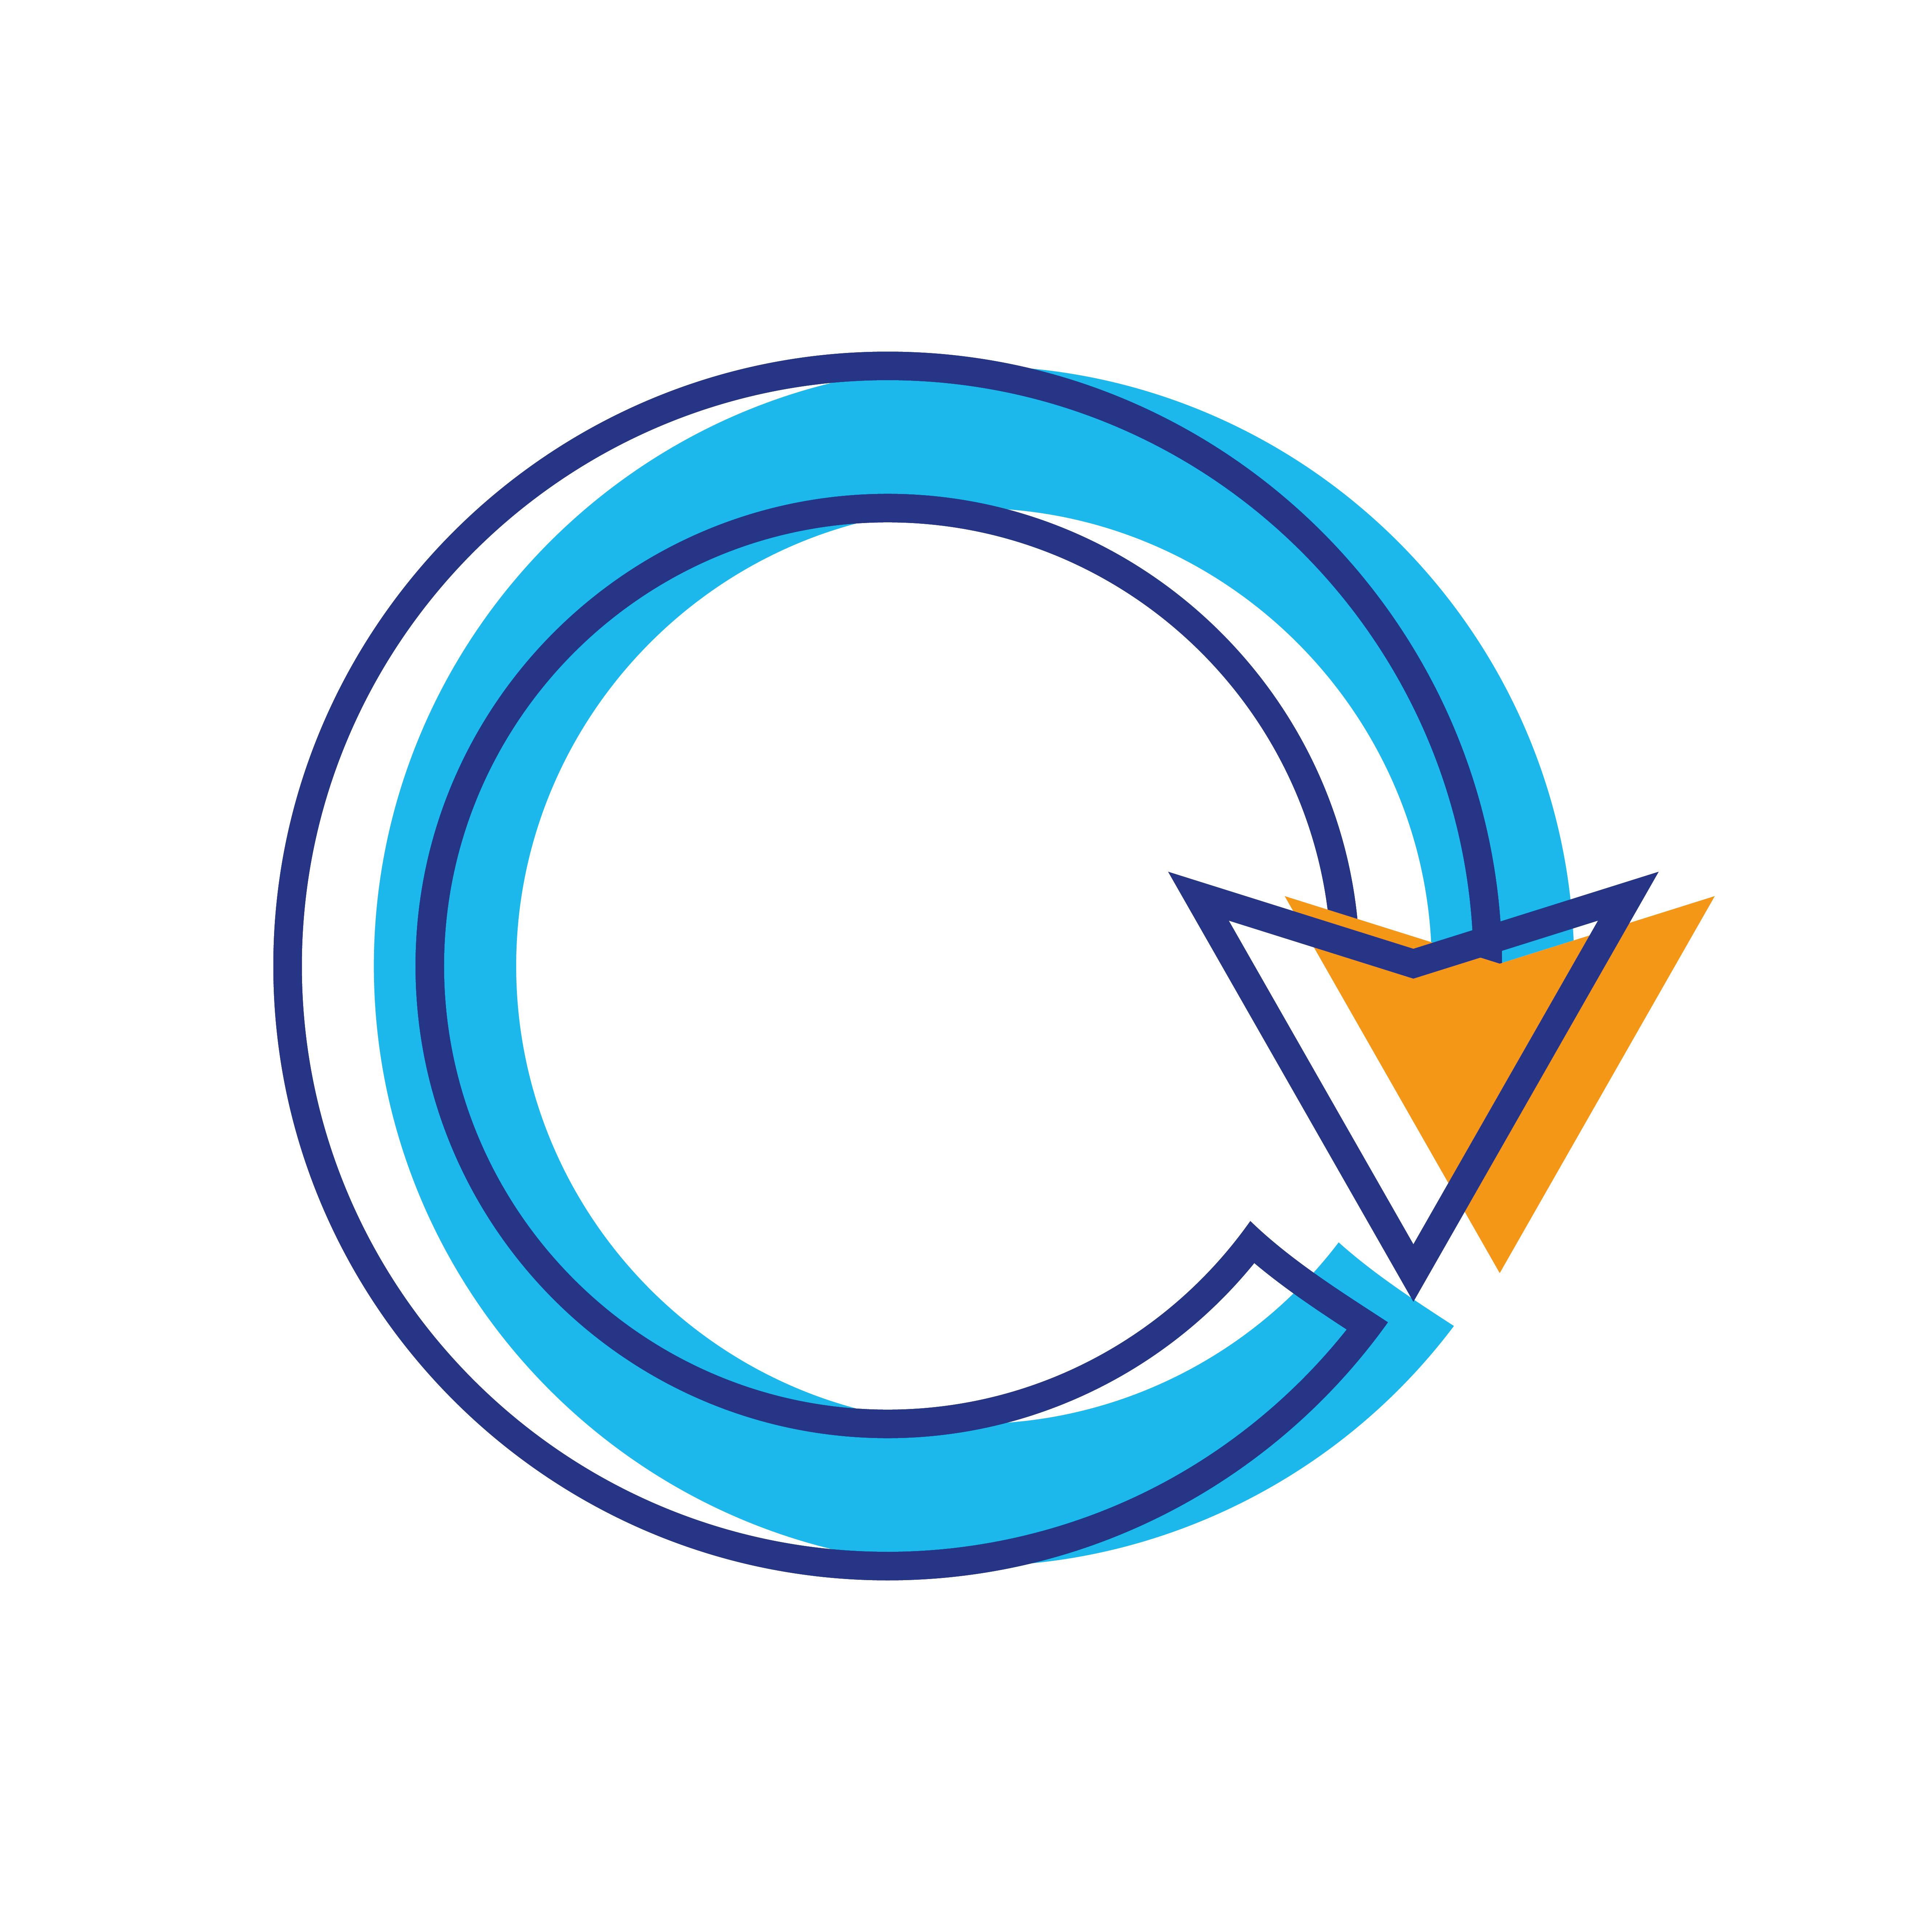 color arrow circle sign loading progress download free vectors clipart graphics vector art vecteezy